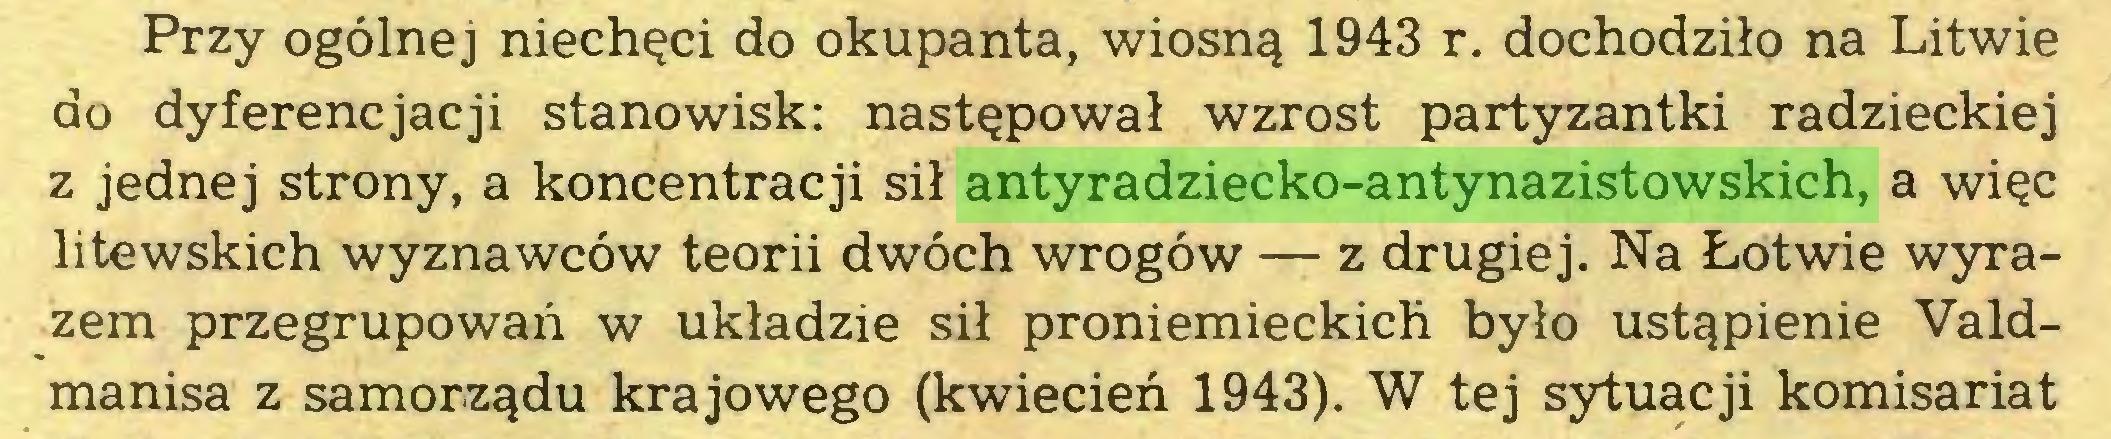 (...) Przy ogólnej niechęci do okupanta, wiosną 1943 r. dochodziło na Litwie do dyferencjacji stanowisk: następował wzrost partyzantki radzieckiej z jednej strony, a koncentracji sił antyradziecko-antynazistowskich, a więc litewskich wyznawców teorii dwóch wrogów — z drugiej. Na Łotwie wyrazem przegrupowań w układzie sił proniemieckich było ustąpienie Valdmanisa z samorządu krajowego (kwiecień 1943). W tej sytuacji komisariat...